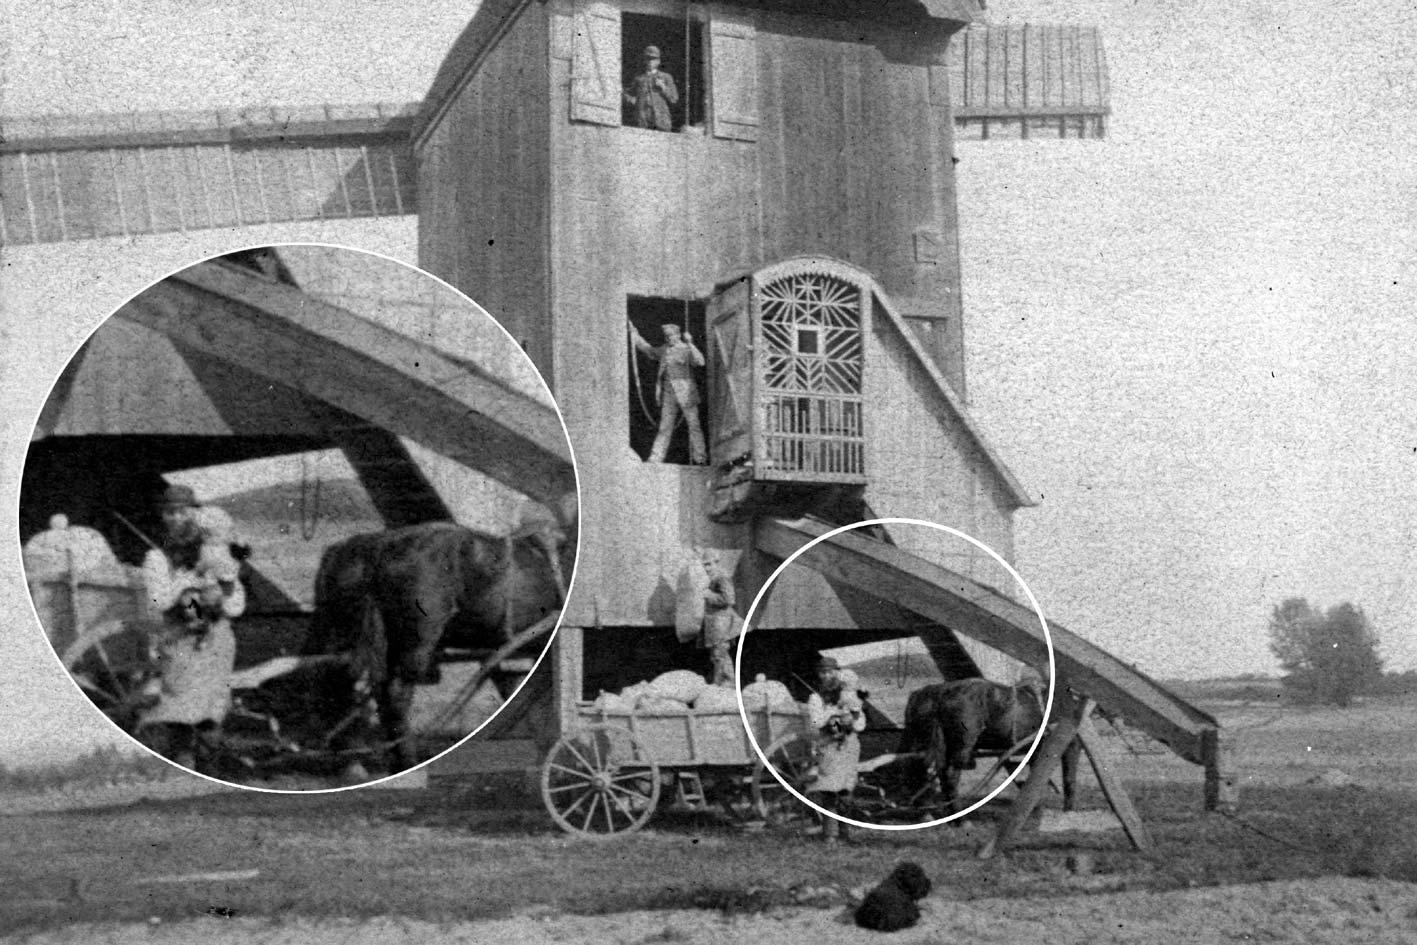 Ausschnitt aus einem Foto der Windmühle des Müllers Schwach im Frühjahr 1891. Die Blickrichtung ist etwa nach Osten. Zwischen dem Schwiegervater des Müllers Schwach, der seinen Sohn Arthur auf dem Arm hält, und den Hinterteilen der Pferde kann man durch den Unterbau der Mühle hindurch blicken. Im Hintergrund ist der Spitzberg erkennbar und es wird deutlich, wie zutreffend dieser Name war. Der gesamte Bereich um den Spitzberg war damals unbewaldet. [OLM F0848LF]